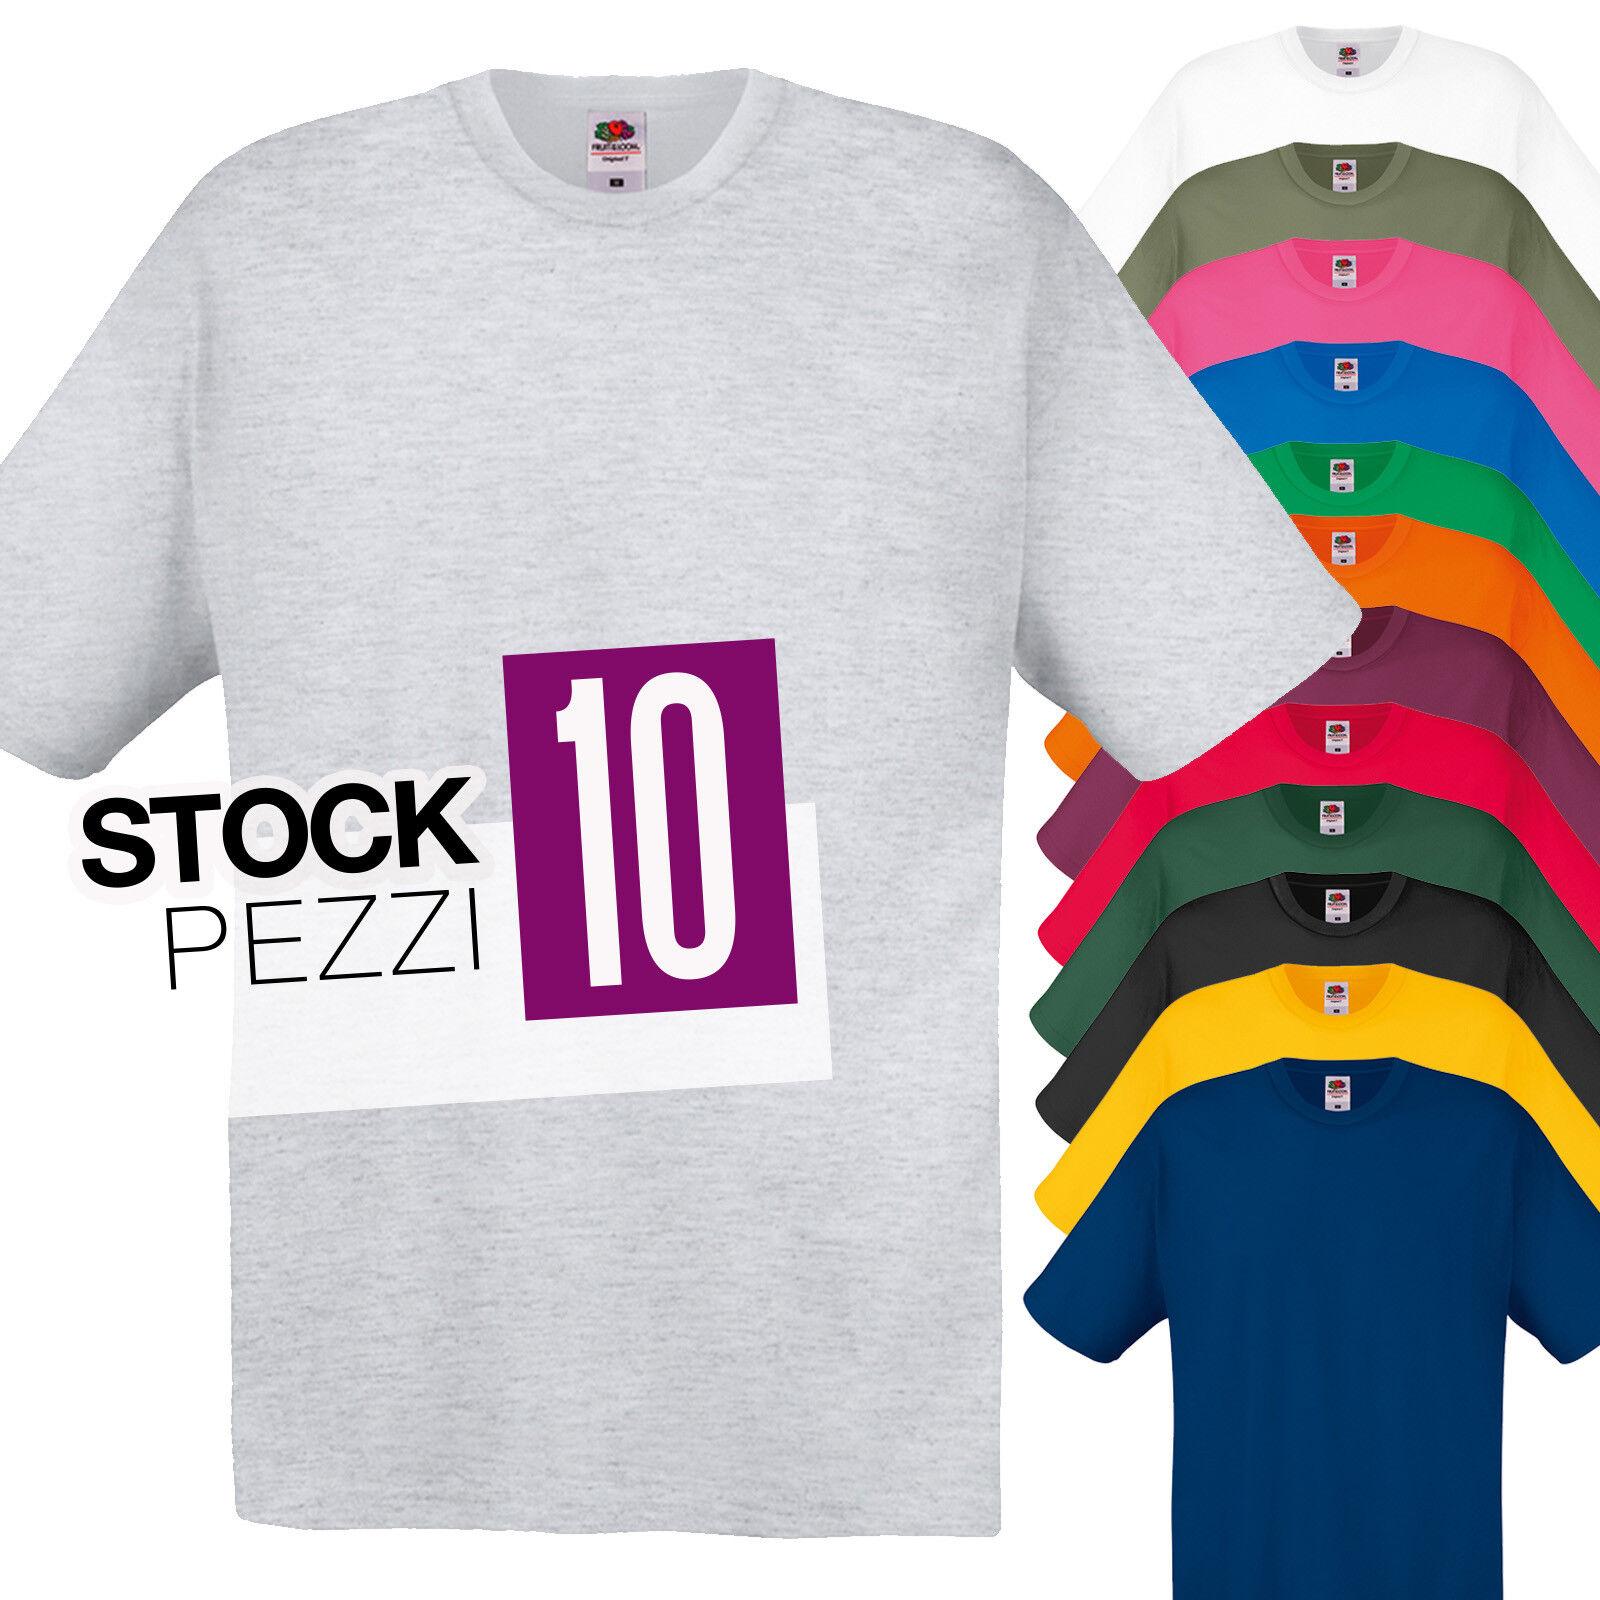 ... Pacco 10 T-Shirt Da Stampare Lavoro Stock Uomo Maglie Cotone Fruit of  The Loom ... 183a9e4d9a7e